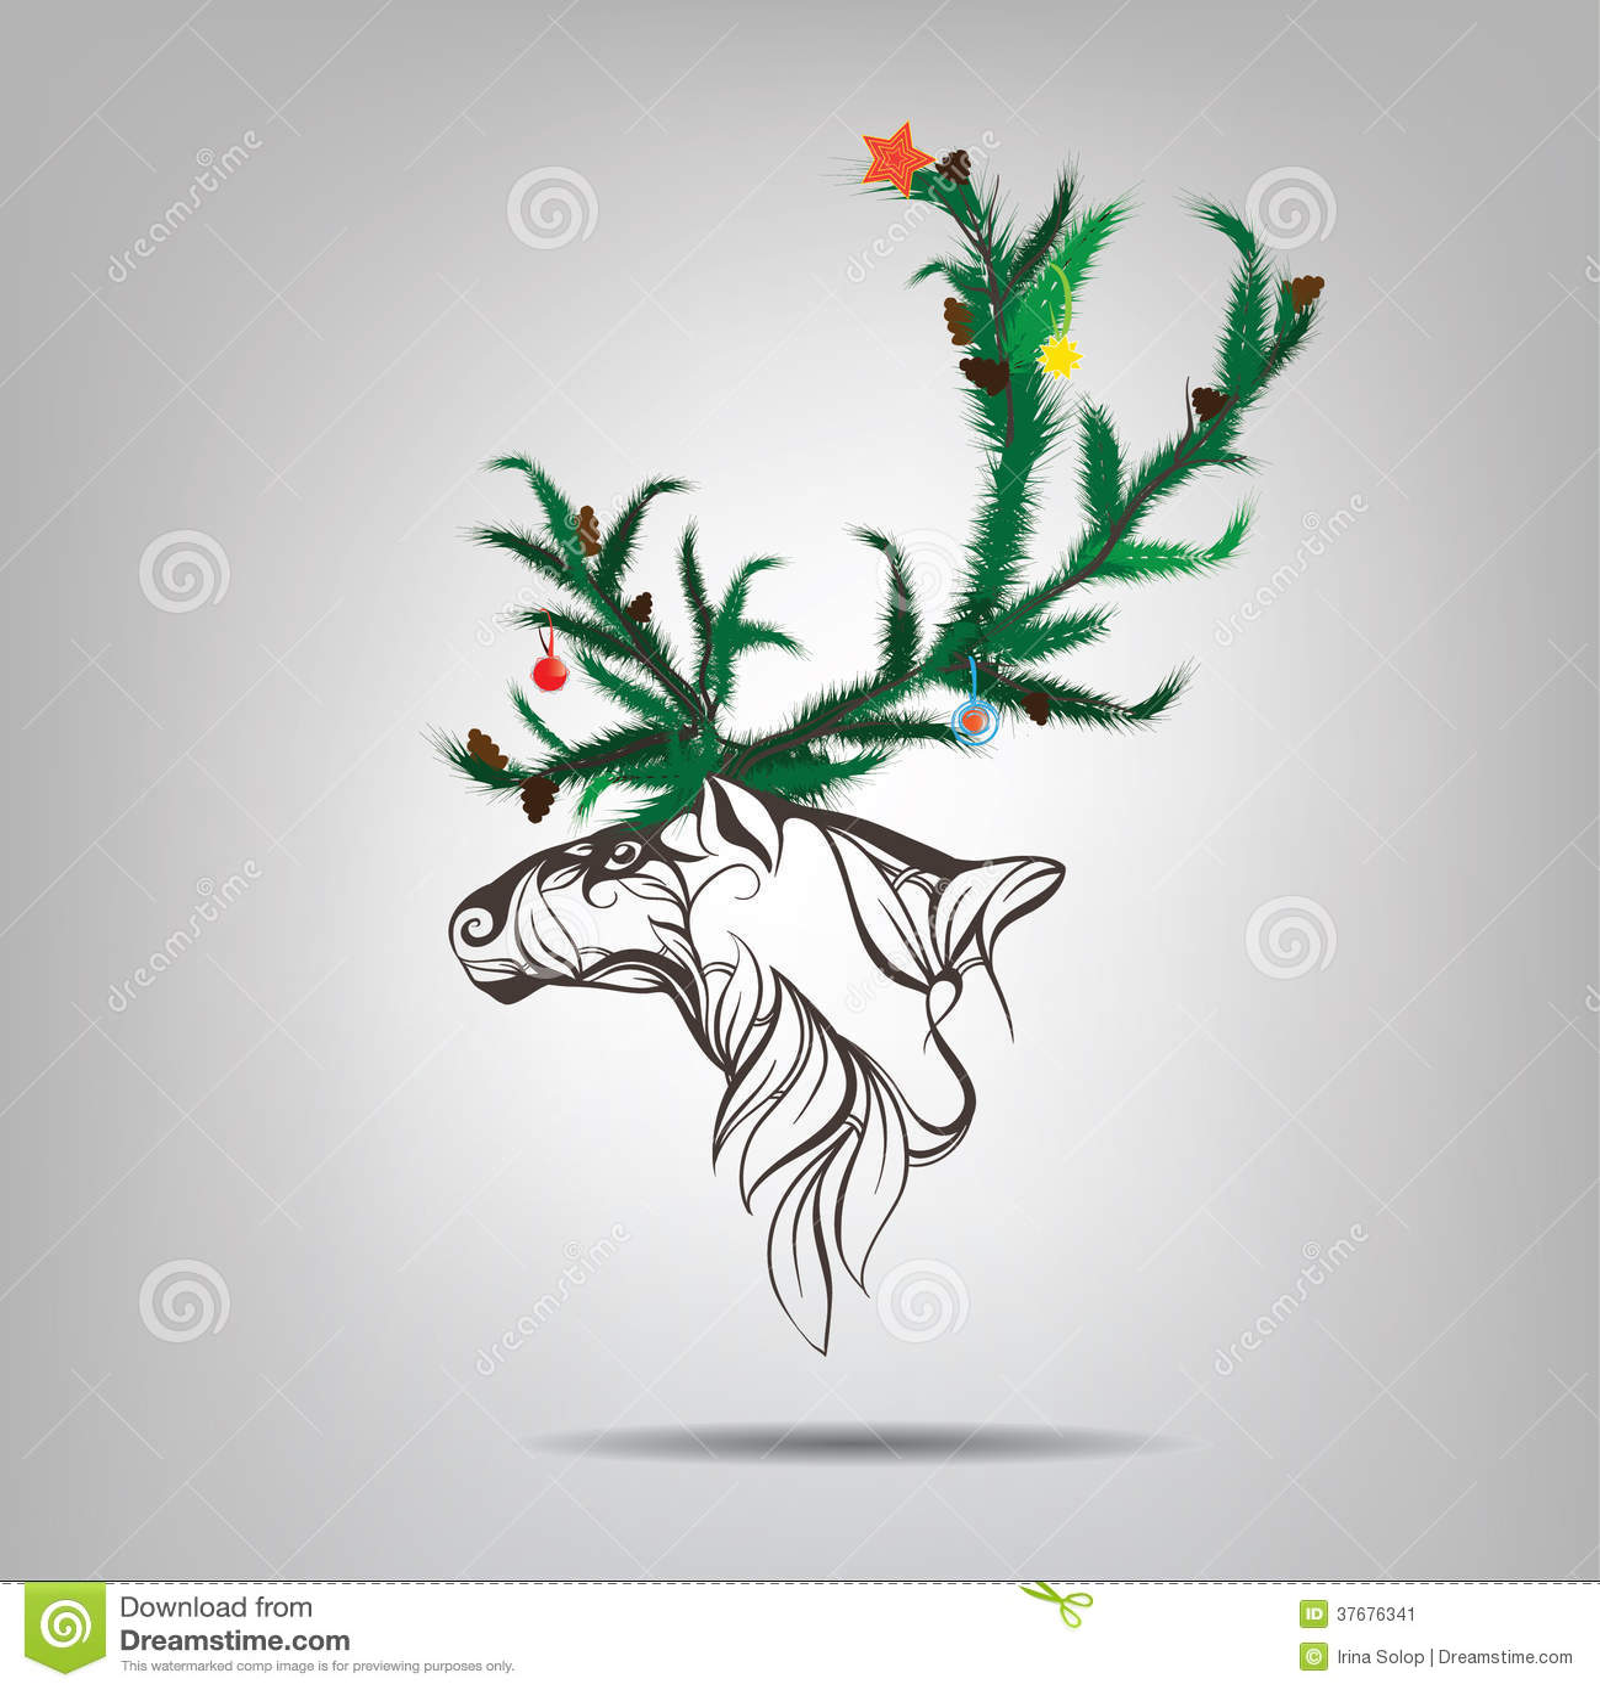 Rendier met geweitakken van een Kerstboom. Vectorillustratie